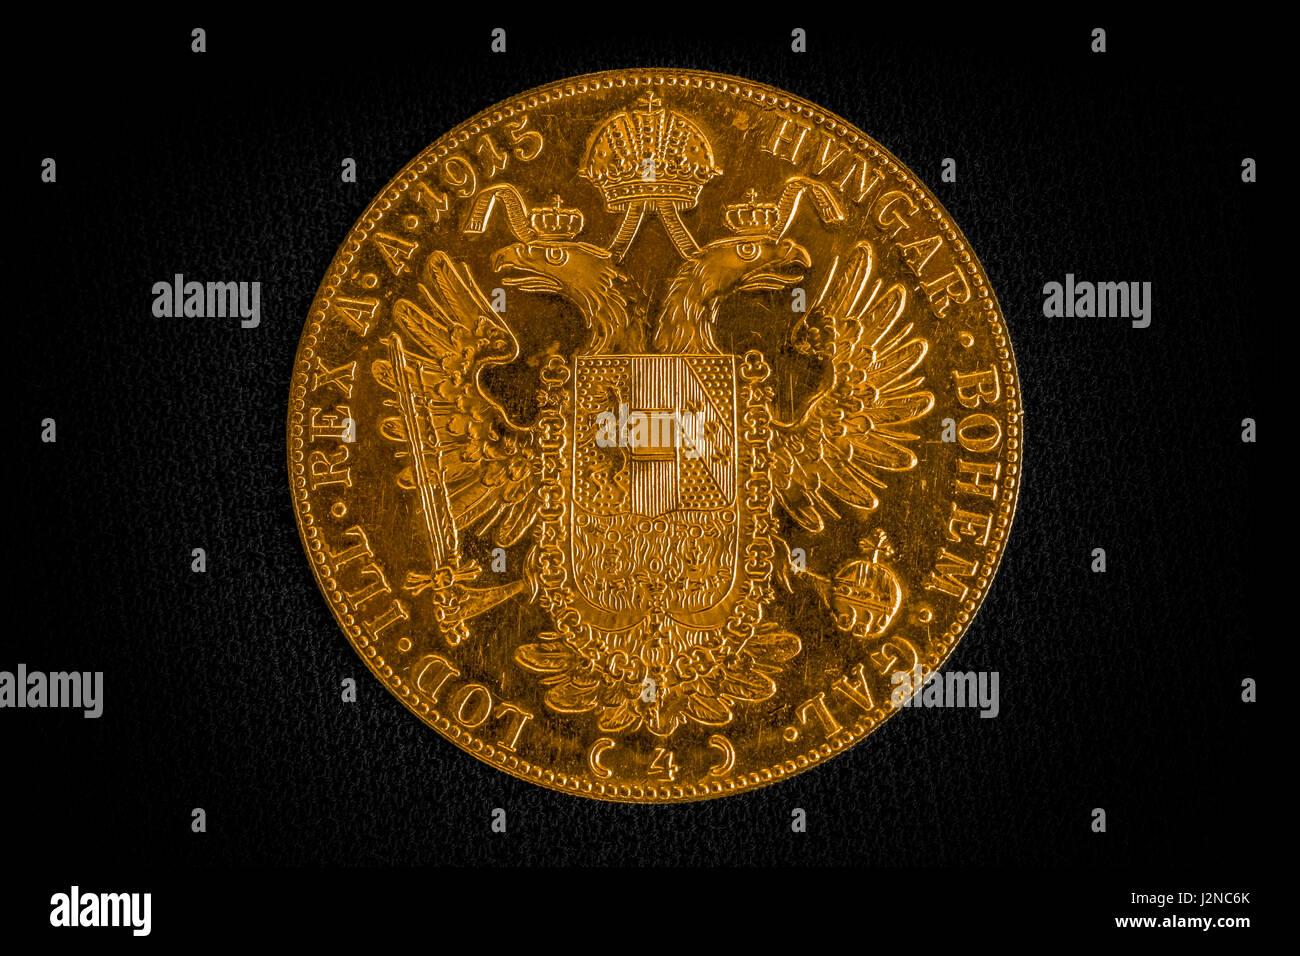 Close Up Blick Auf Austria Hungary Thaler Revers Der Goldenen Münze